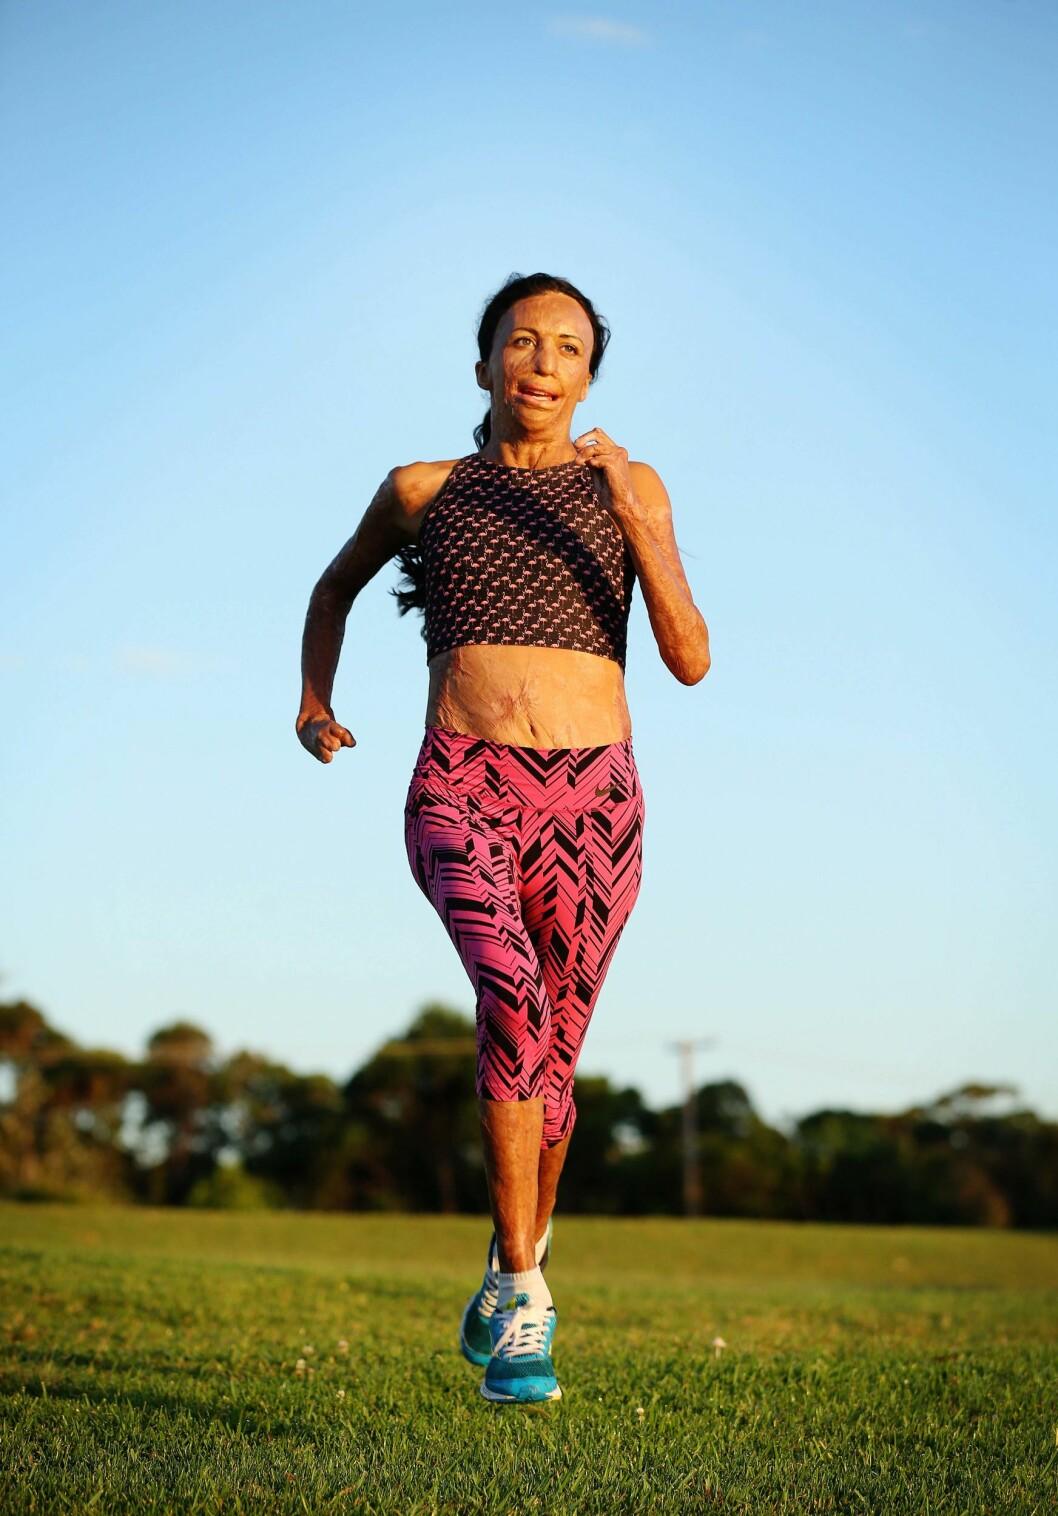 STERK: Turia Pitt fikk beskjed av legene om at hun mest sannsynlig aldri kunne løpe igjen. «Jeg skal vise dem», tenkte hun - og i mai gjennomførte hun Ironman Australia-triathlon på tiden 13:24:42. Dette bildet er tatt i forkant av løpet. Foto: NTB Scanpix